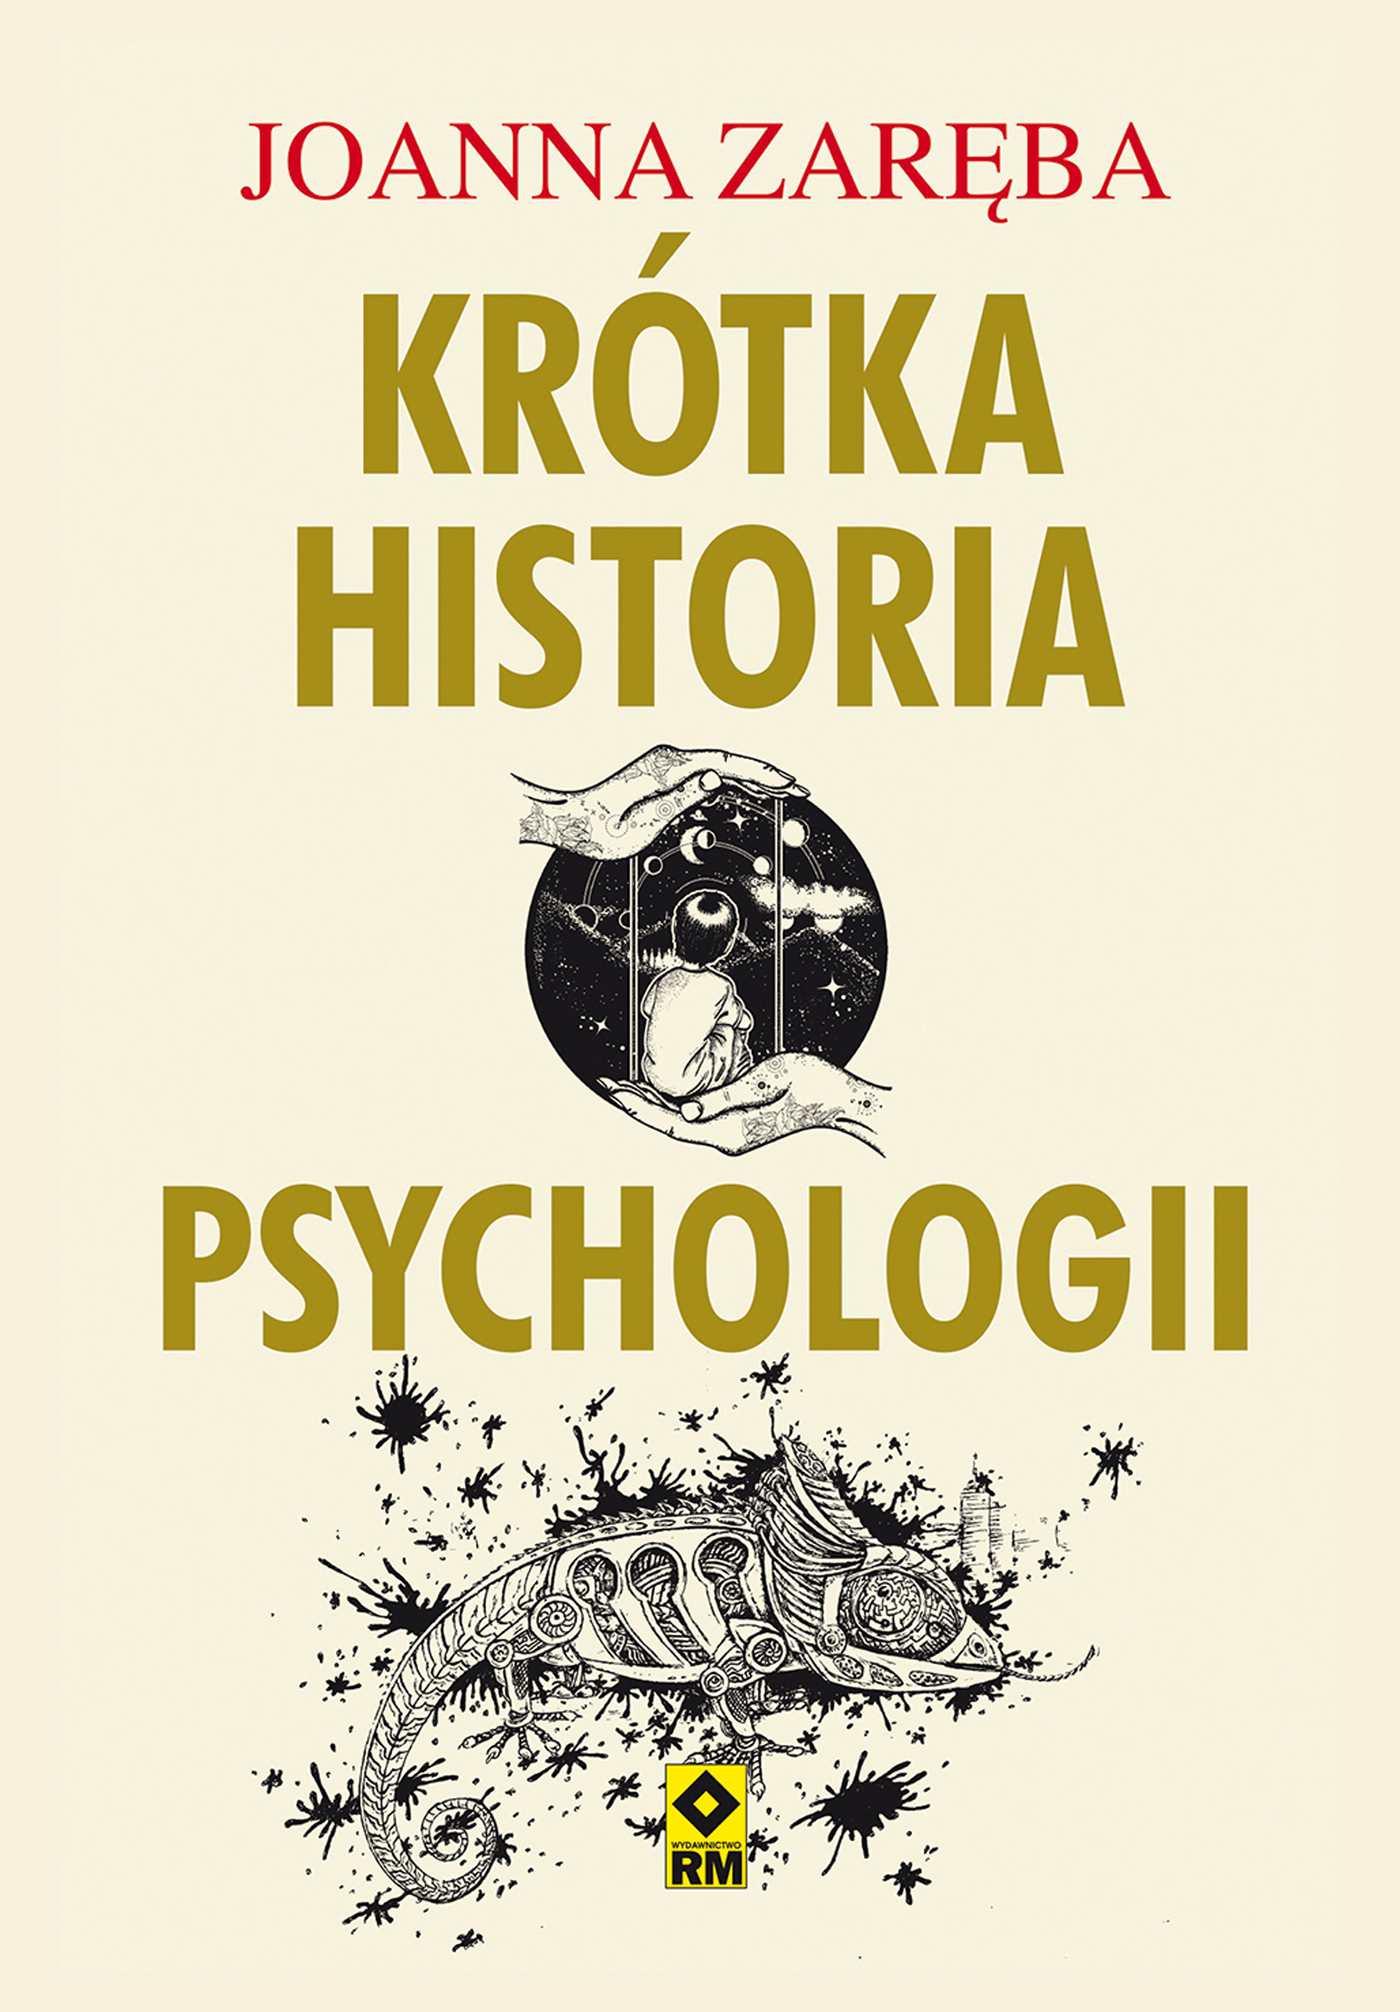 Krótka historia psychologii - Ebook (Książka na Kindle) do pobrania w formacie MOBI